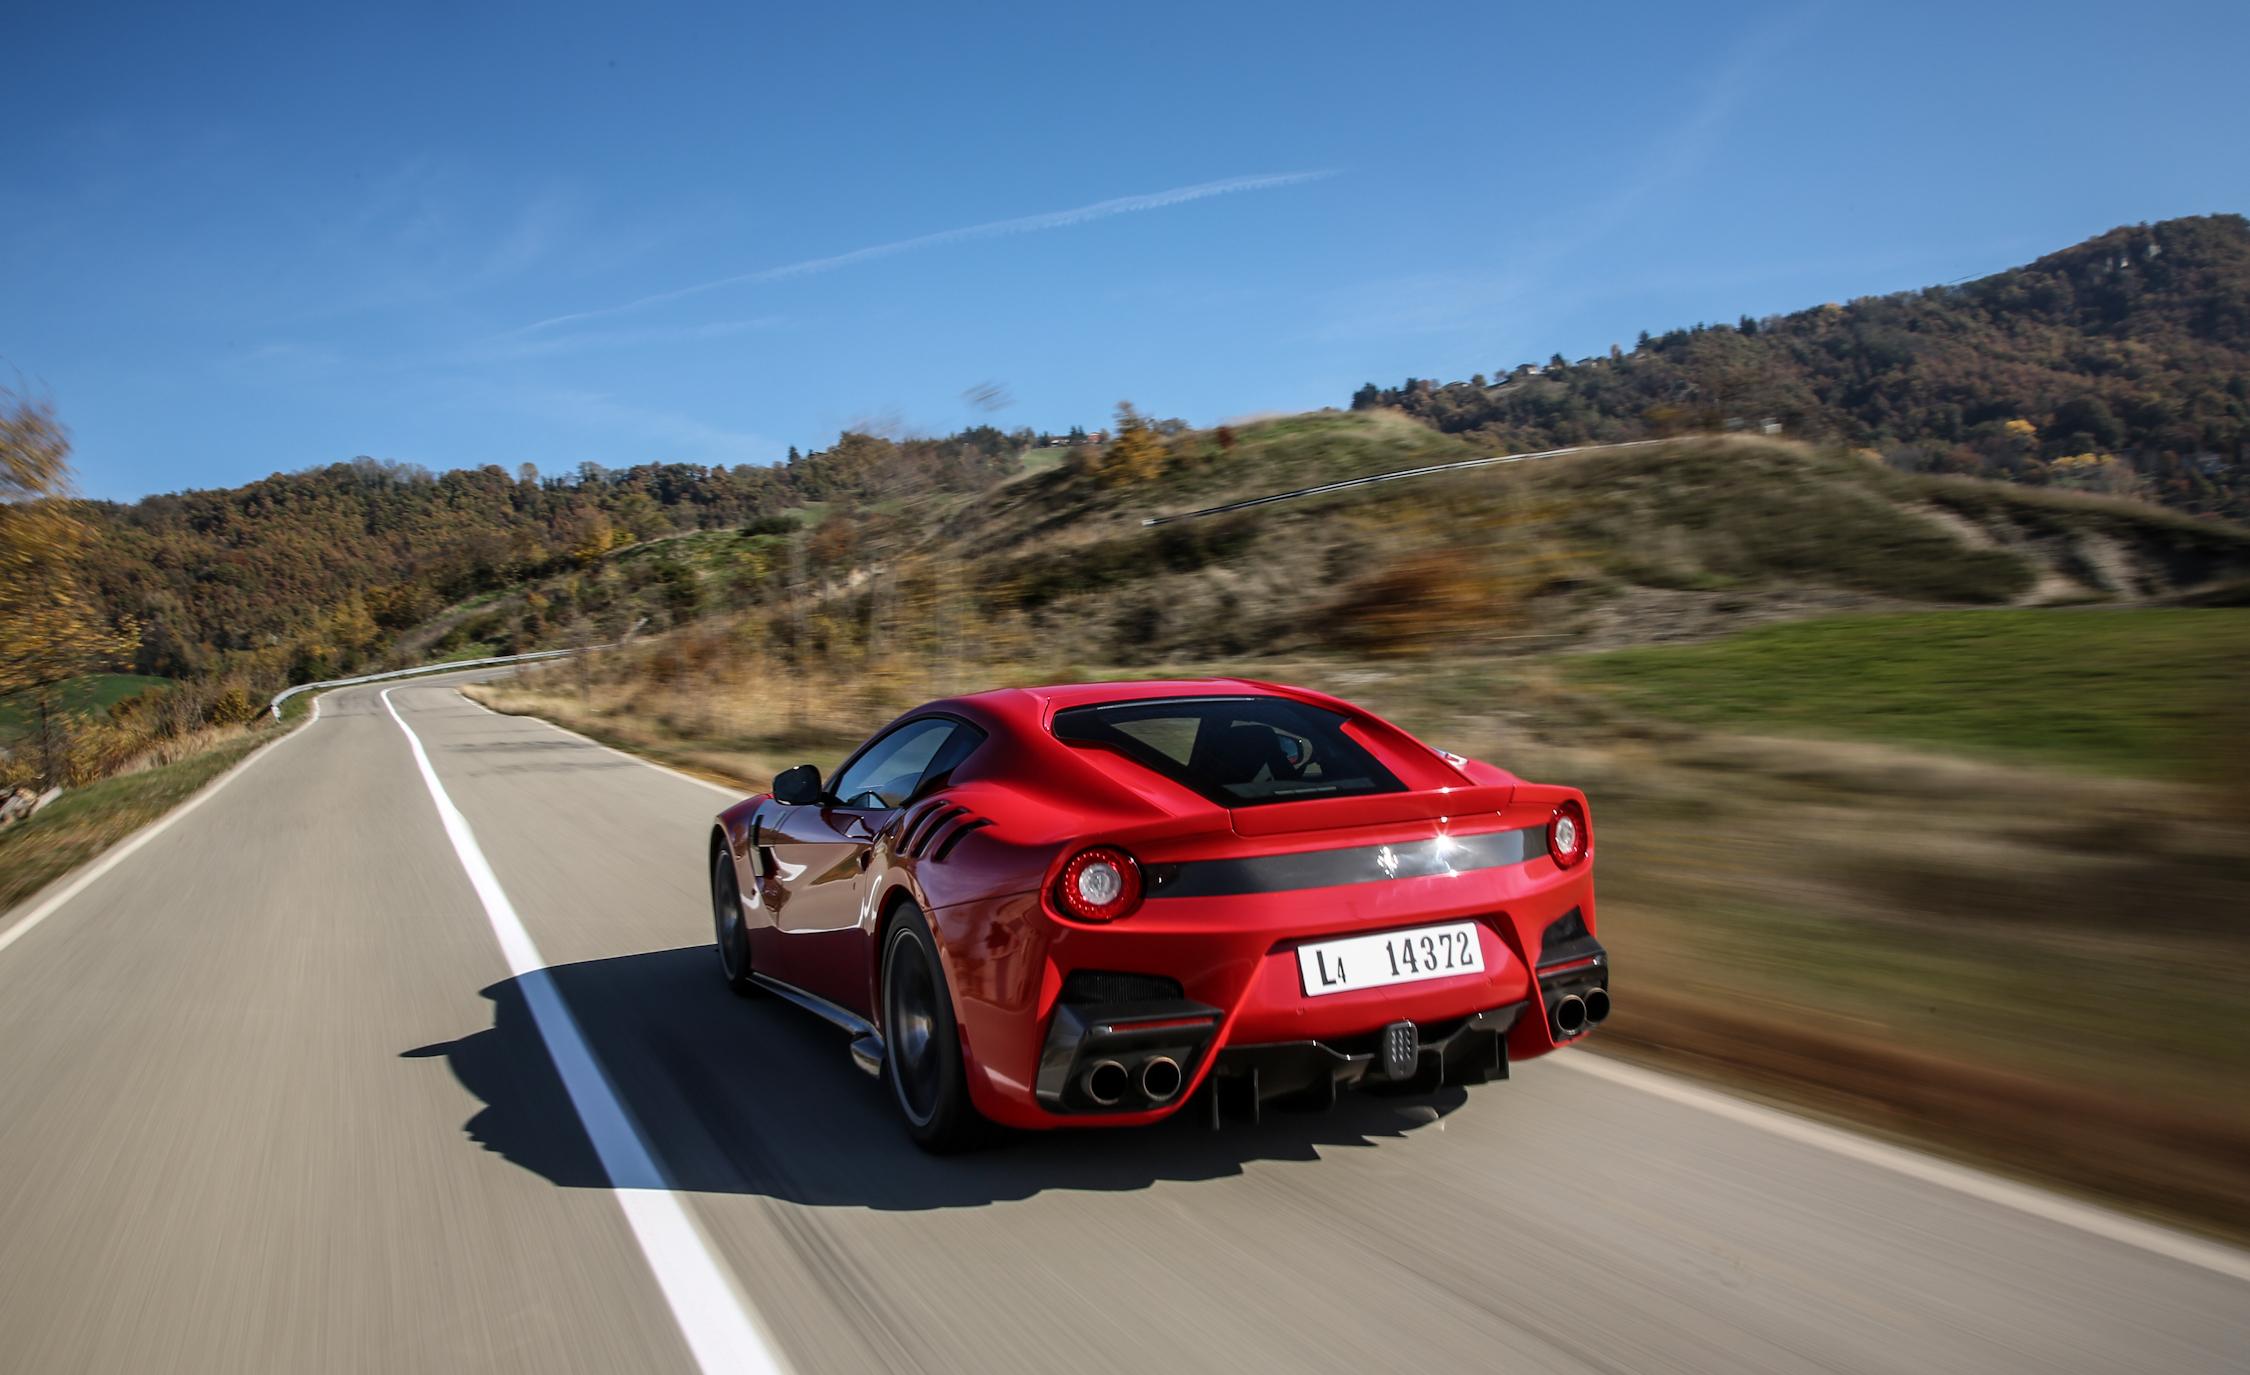 Rear Body Ferrari F12tdf 2016